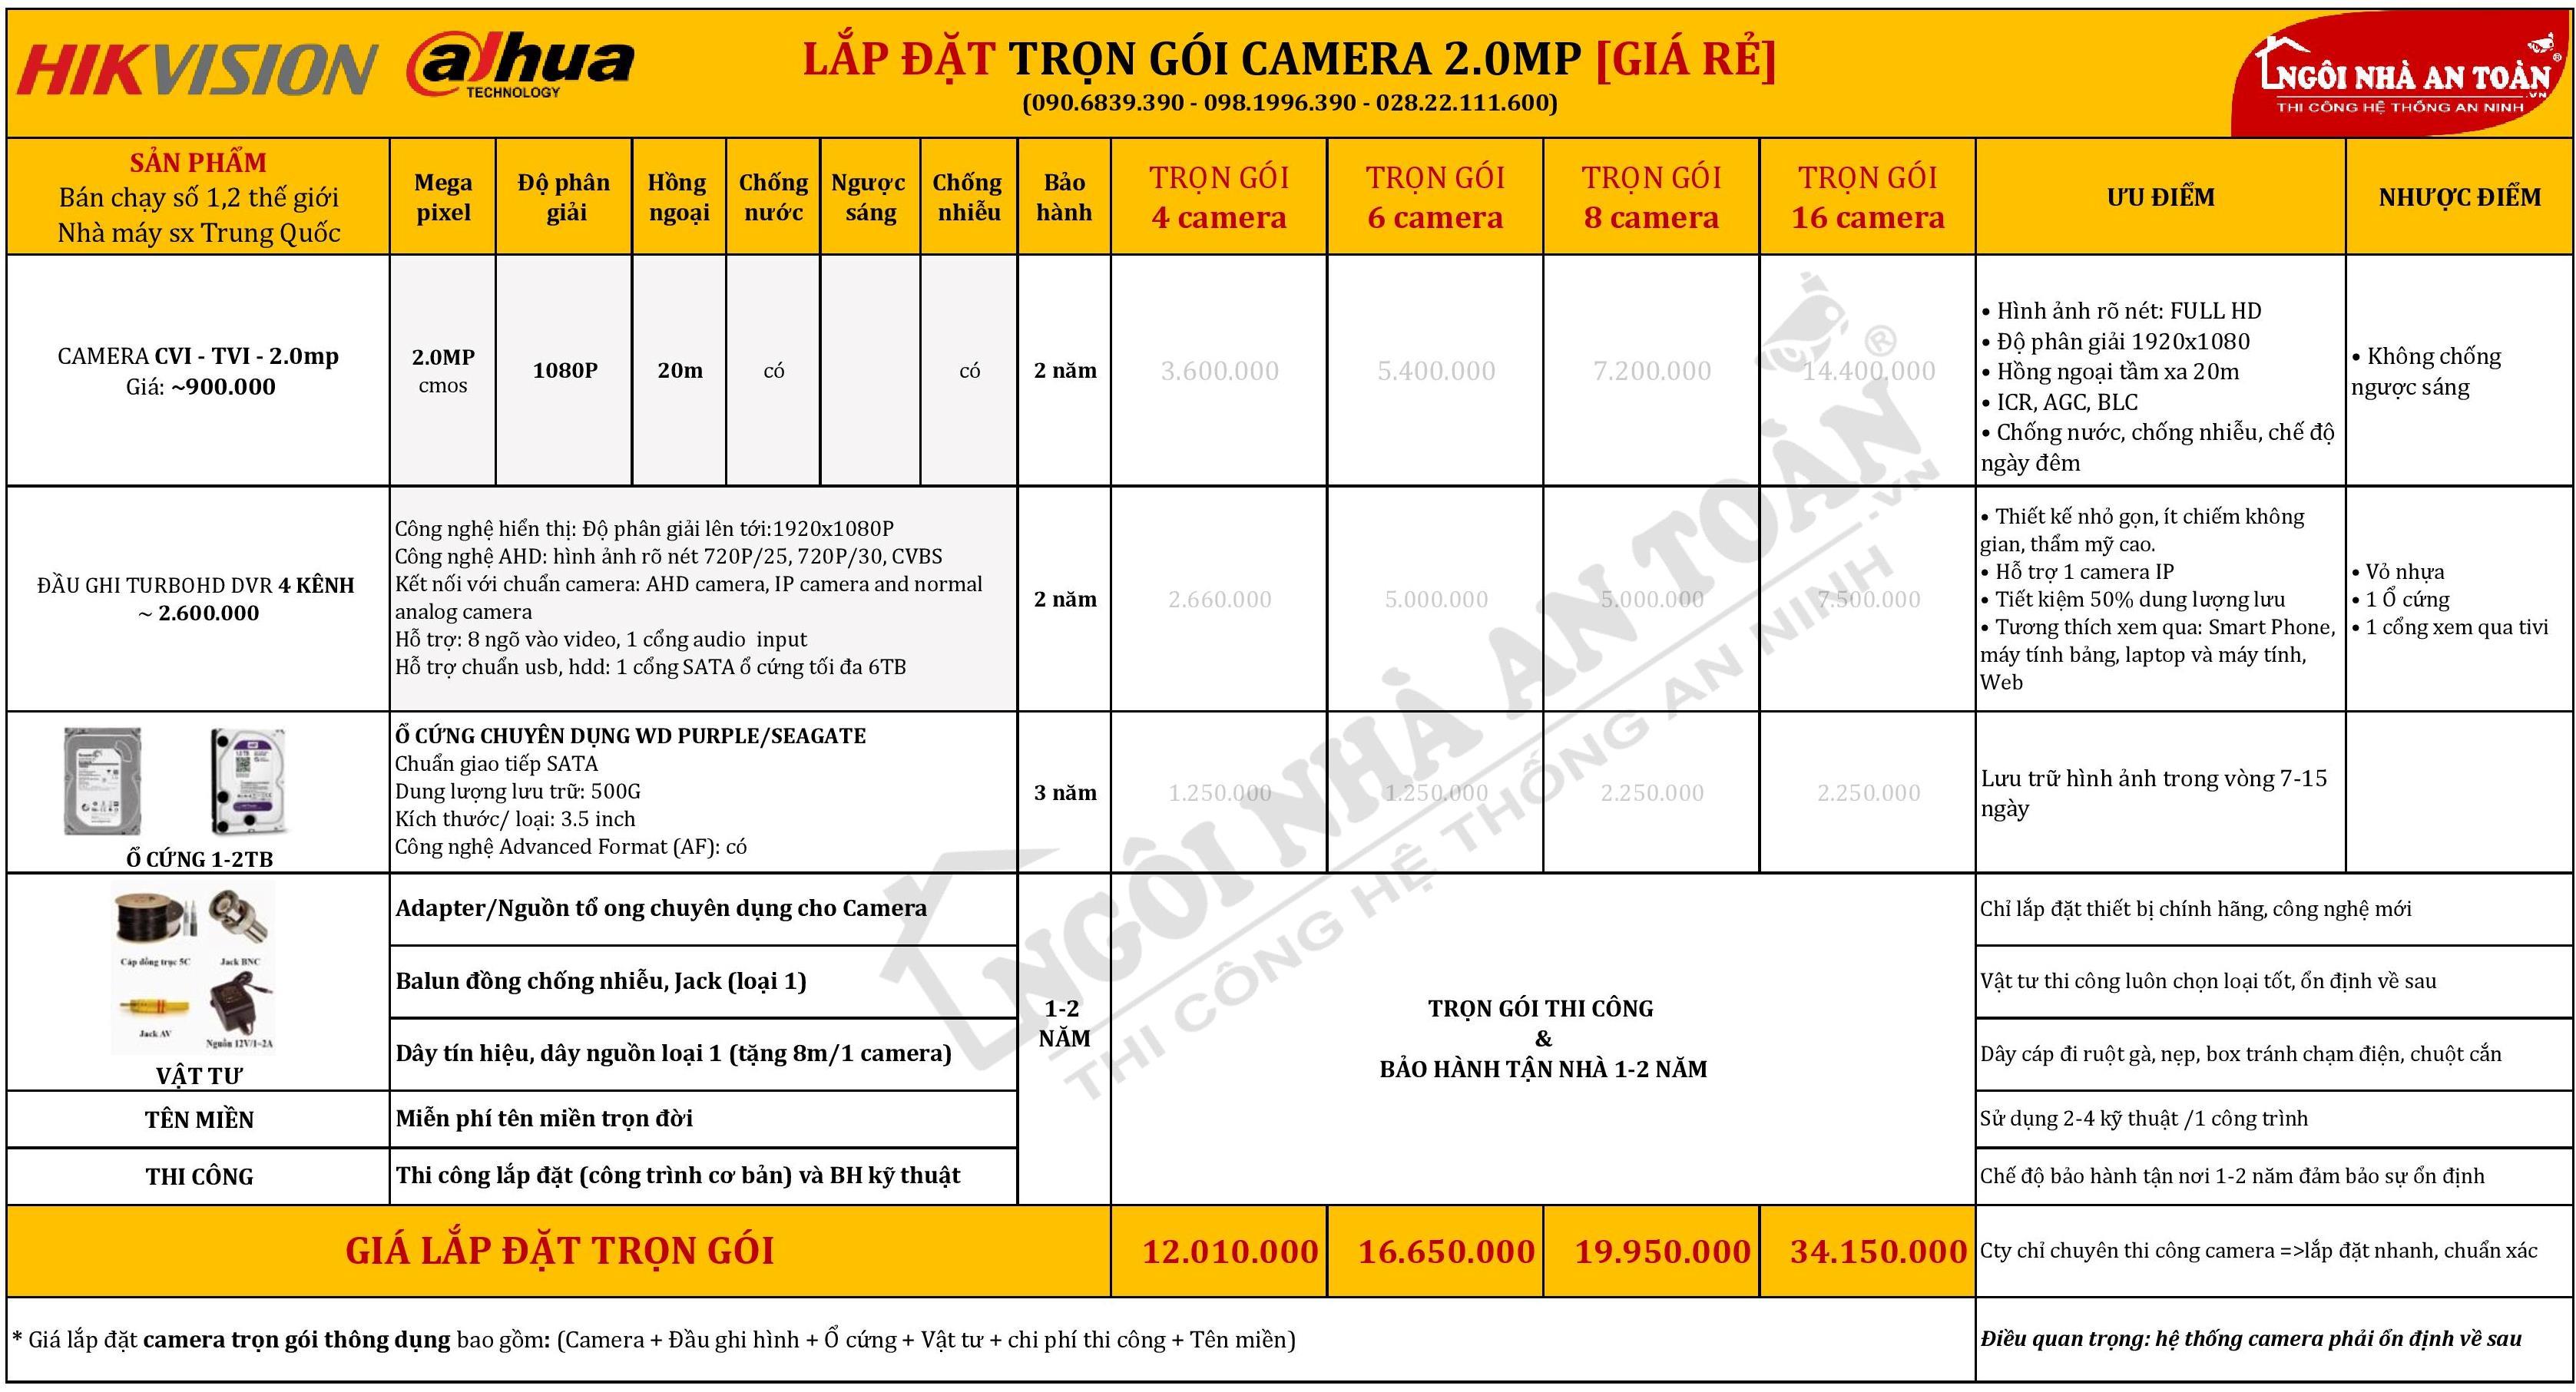 Báo giá lắp đặt camera trọn gói giá rẻ